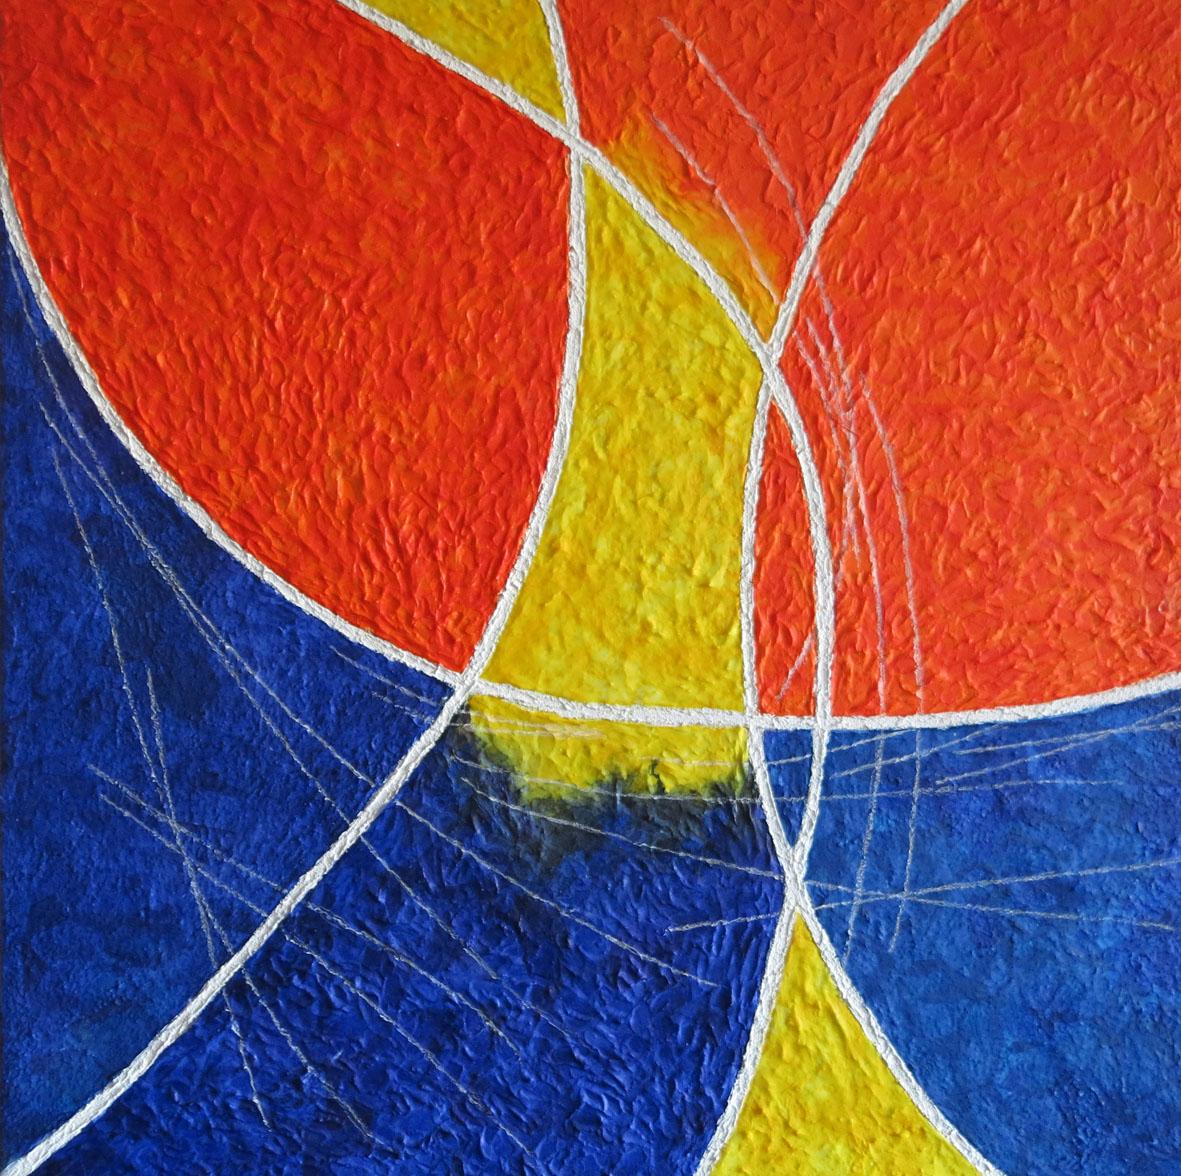 Sandra Sfodera (I), Atomos (2016), mixed media on canvas, cm 50x50.jpg